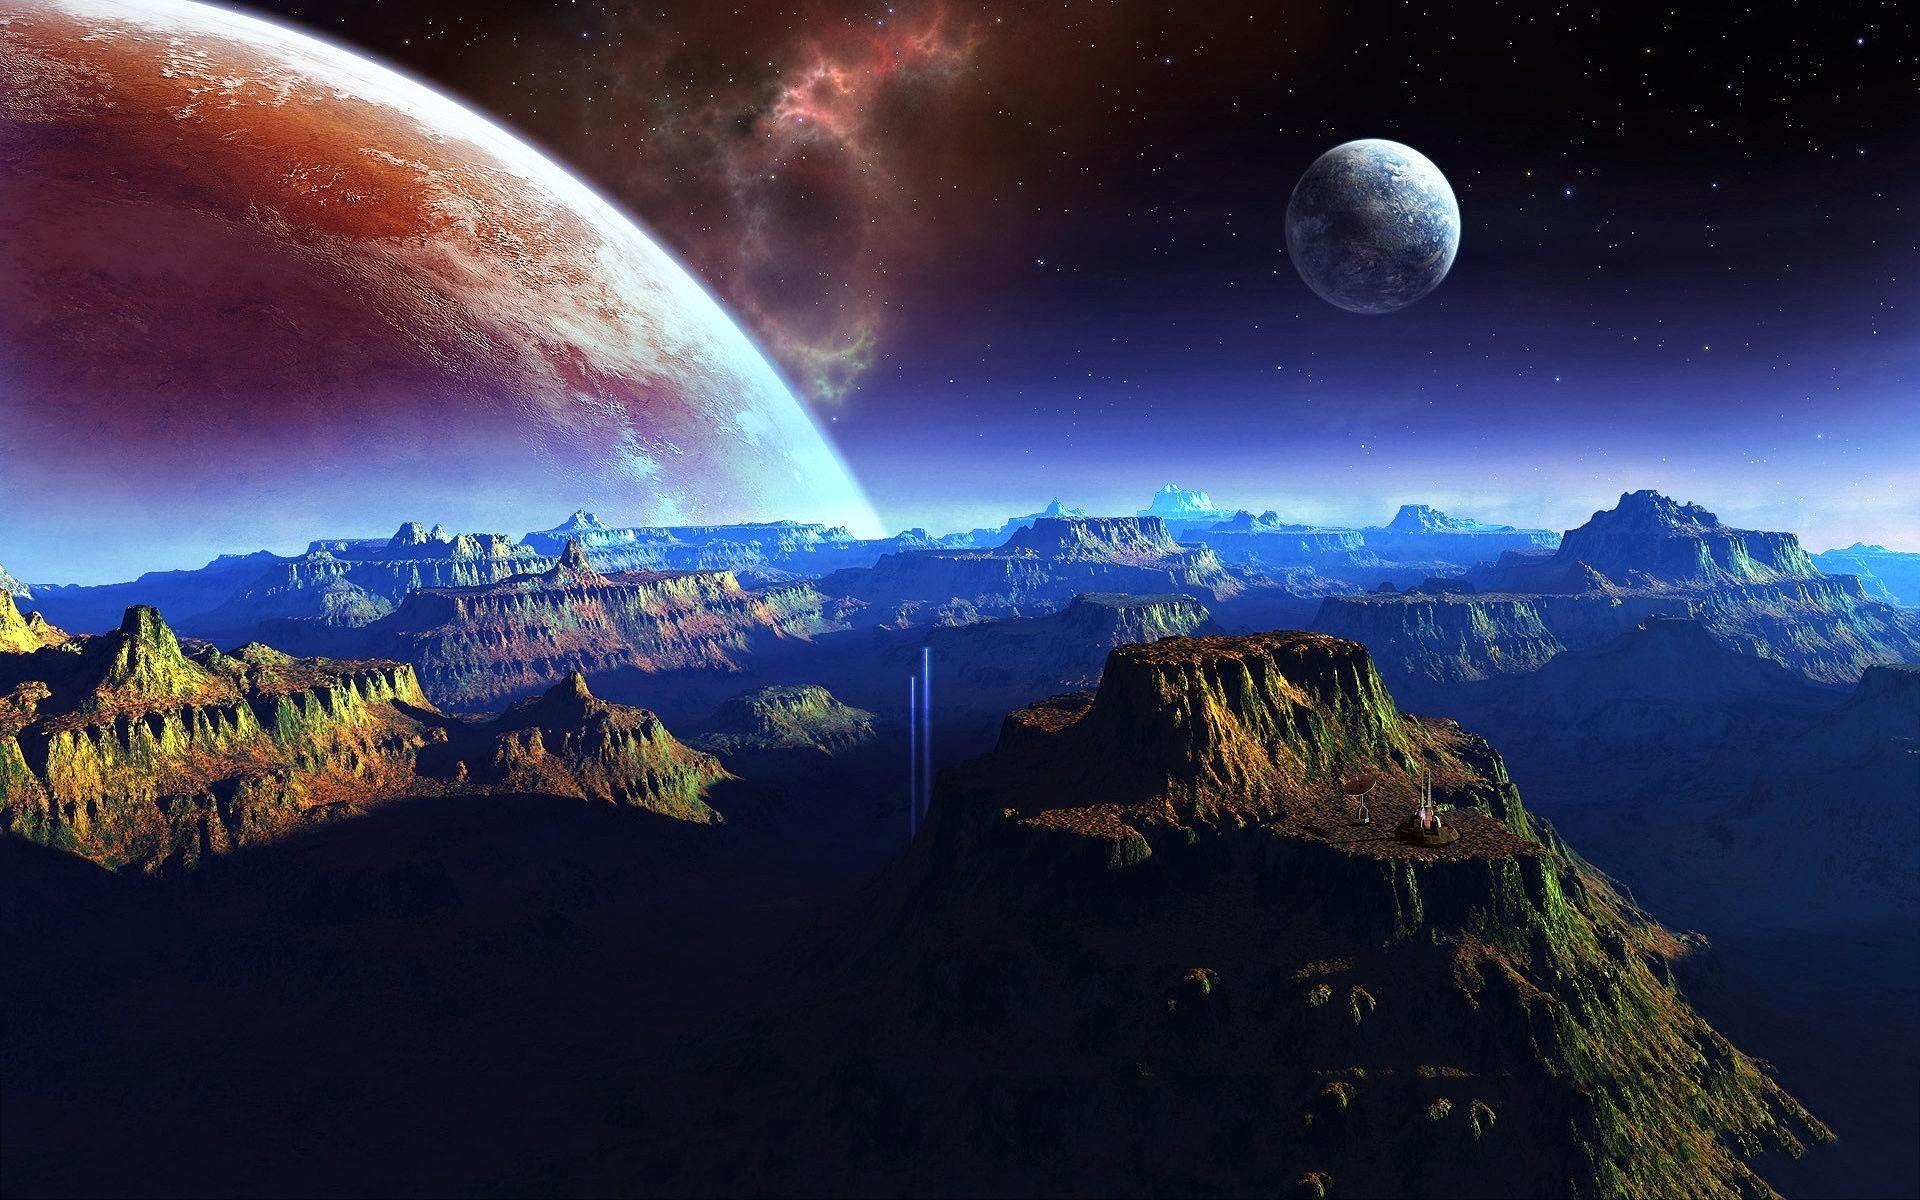 Sfondi hd spazio 70 immagini for Immagini universo gratis